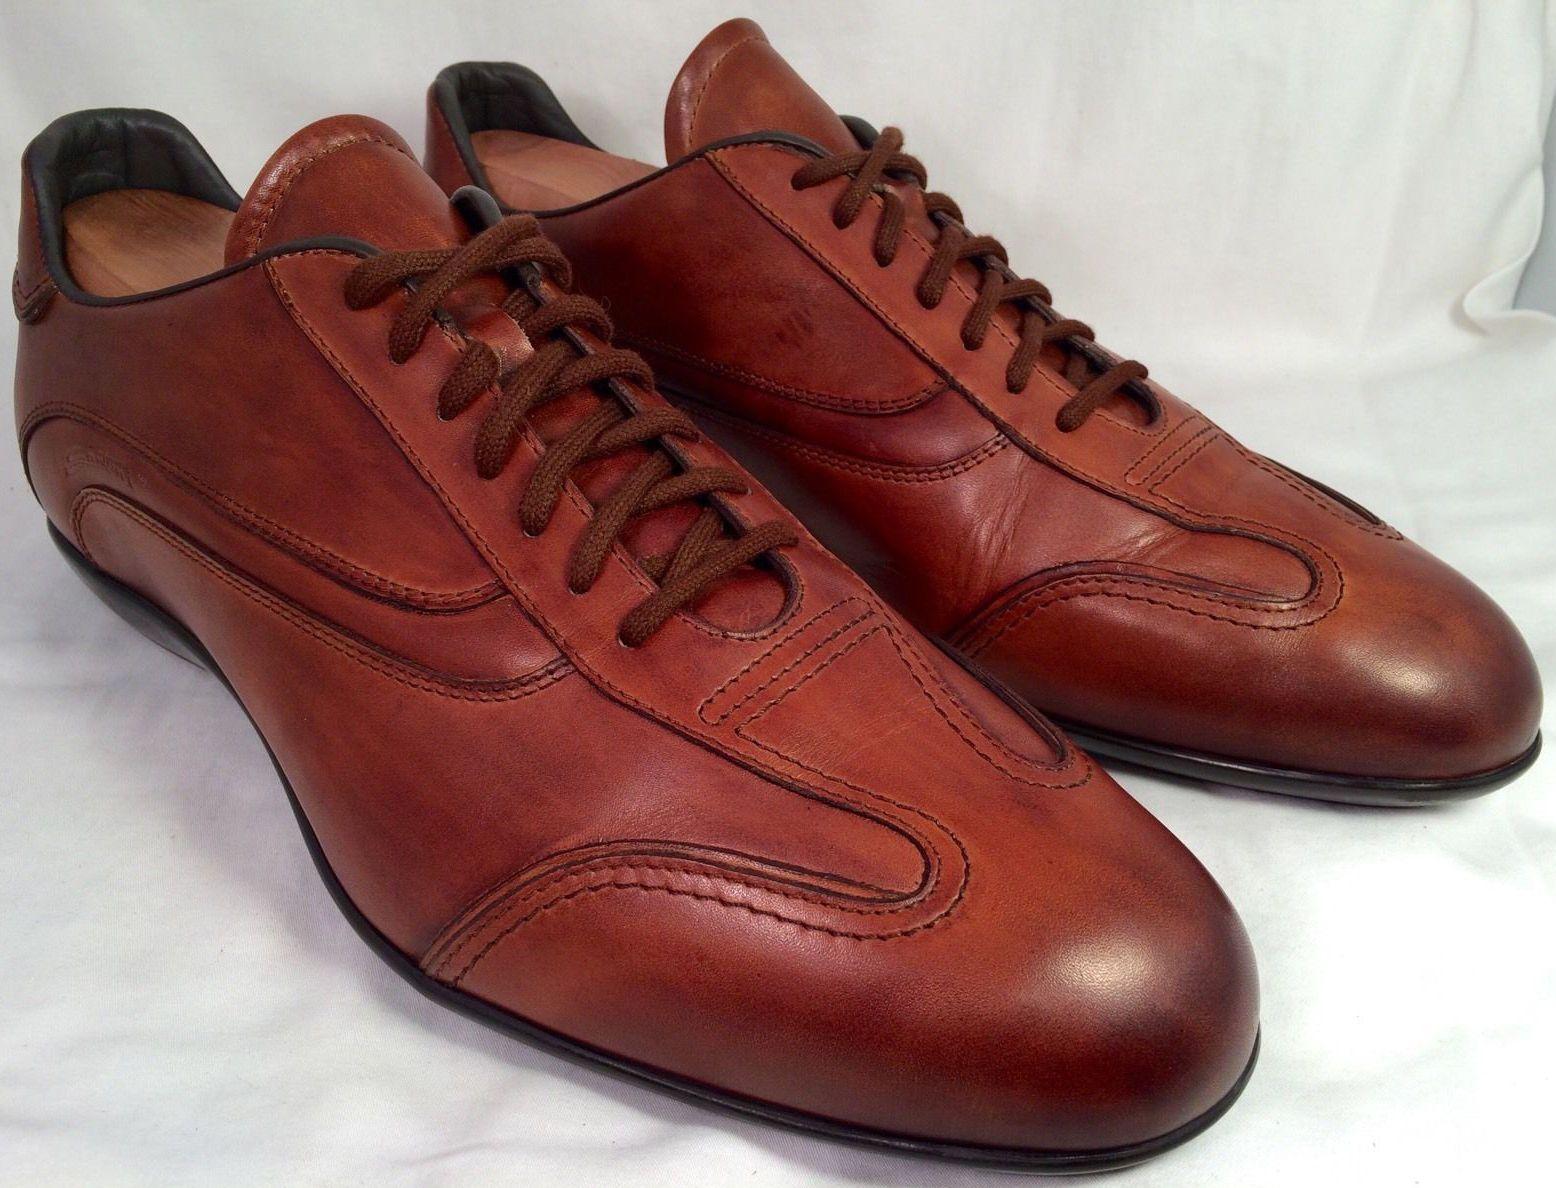 Santoni Shoes for Men